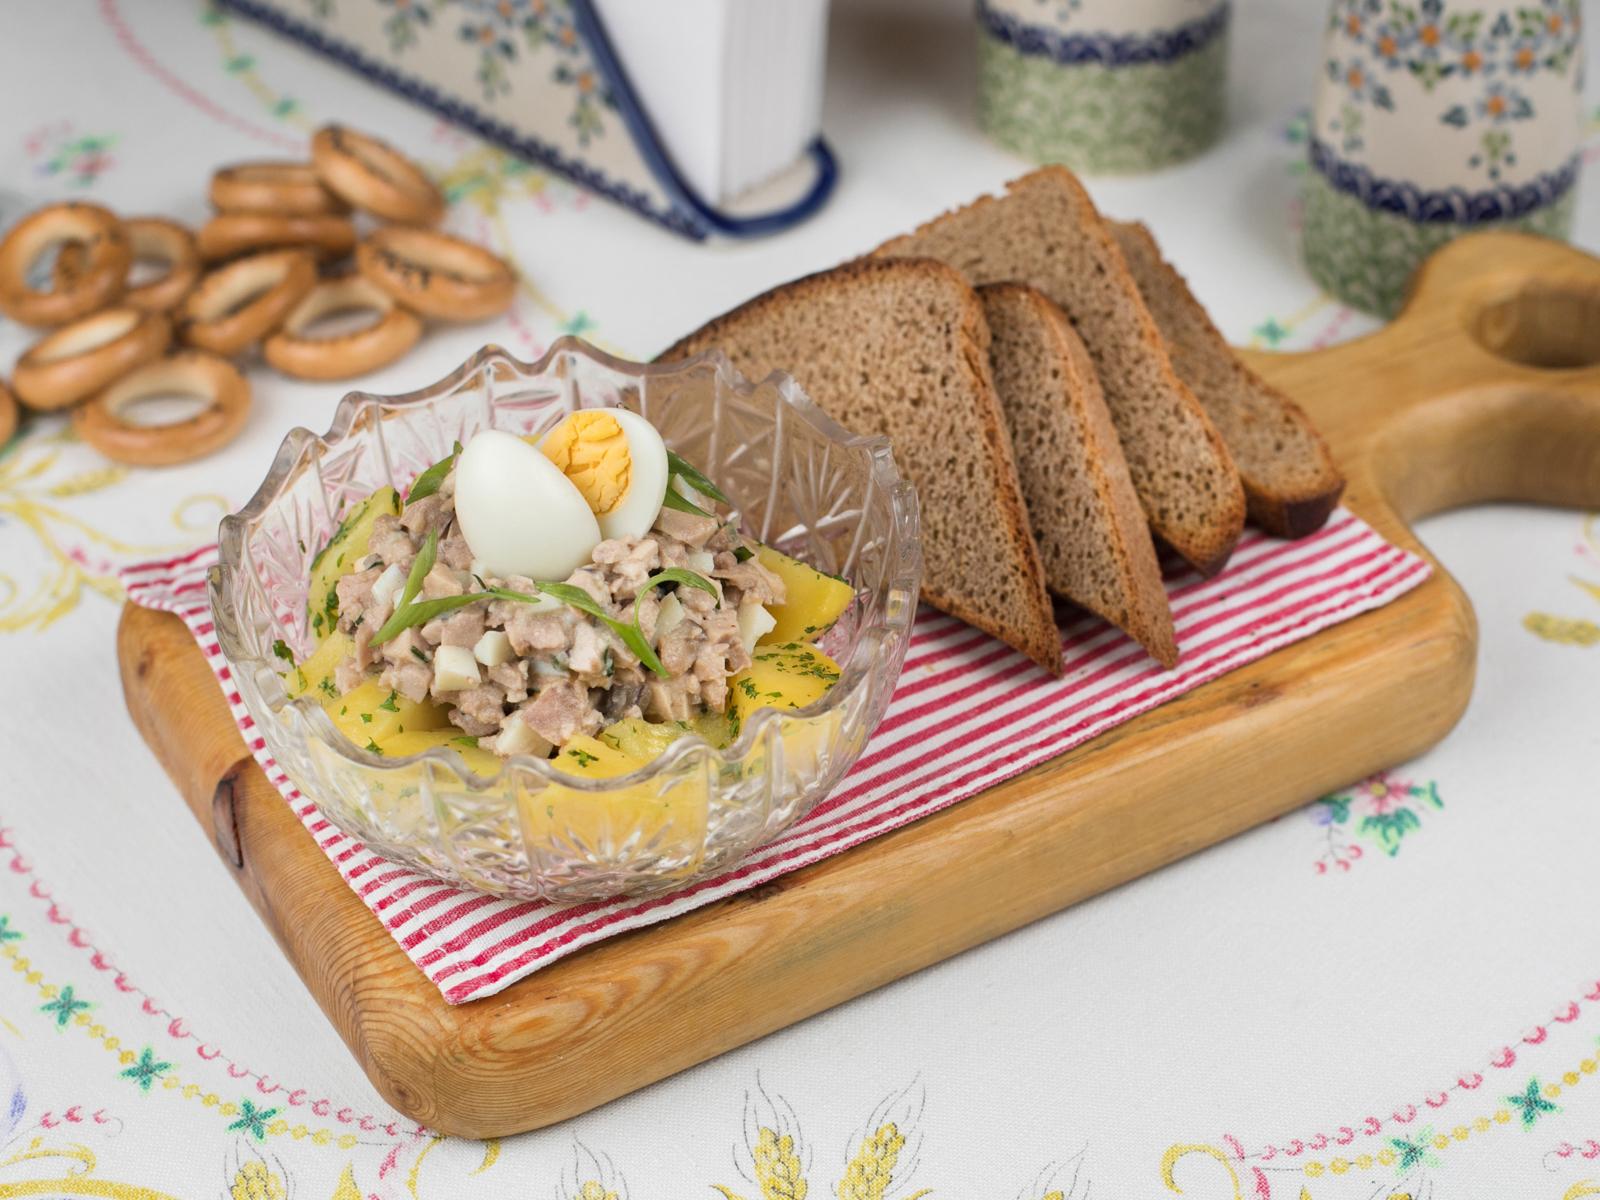 Печень трески с рассыпчатым картофелем и укропом